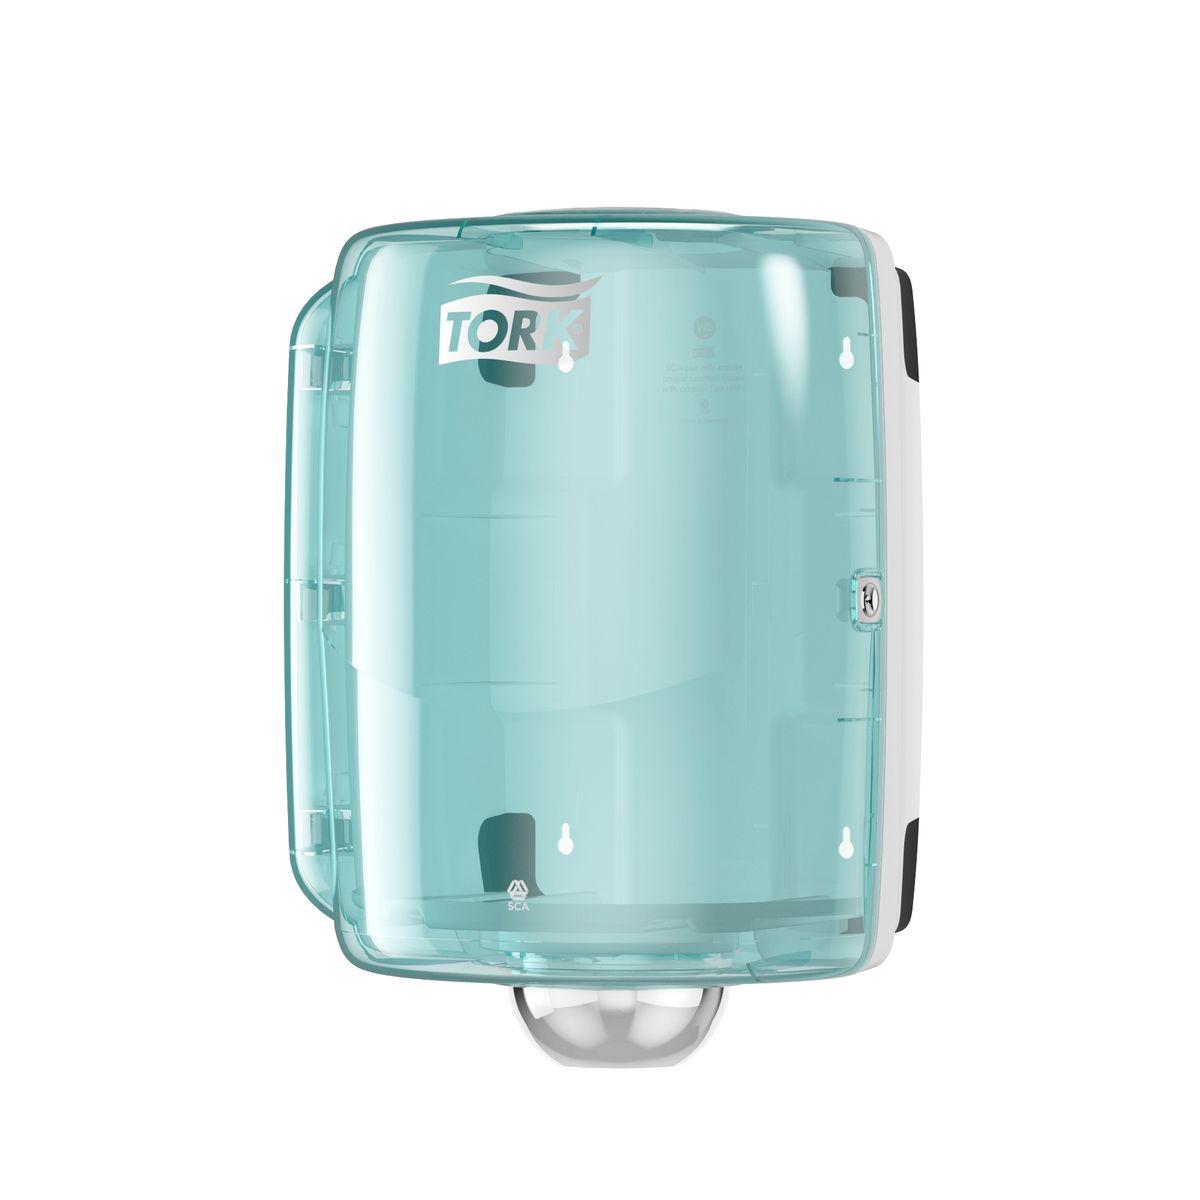 Диспенсер для туалетной бумаги Tork, цвет: белый . 653000UP210DFСистема W2.Серия Performance.Идеально подходит для пищевого производства, ресторанной кухни и промышленных зон.- Повышенная емкость- Защита рулона от попадания брызг- Широкий выбор расходных материалов- Возможность крепления к стене для экономии места